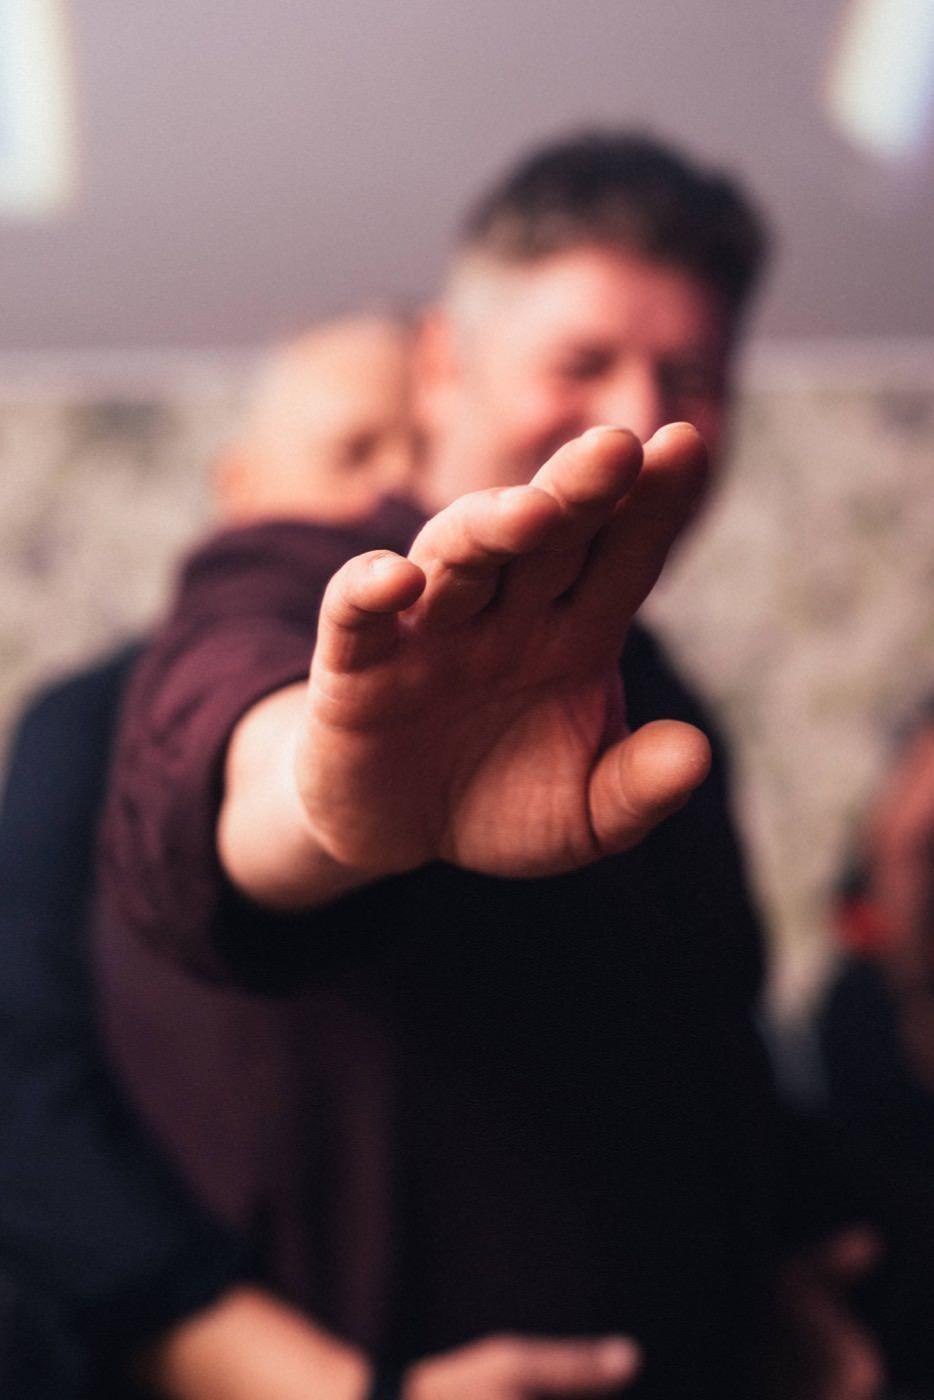 Mężczyzna wyciąga rękę do obiektywu